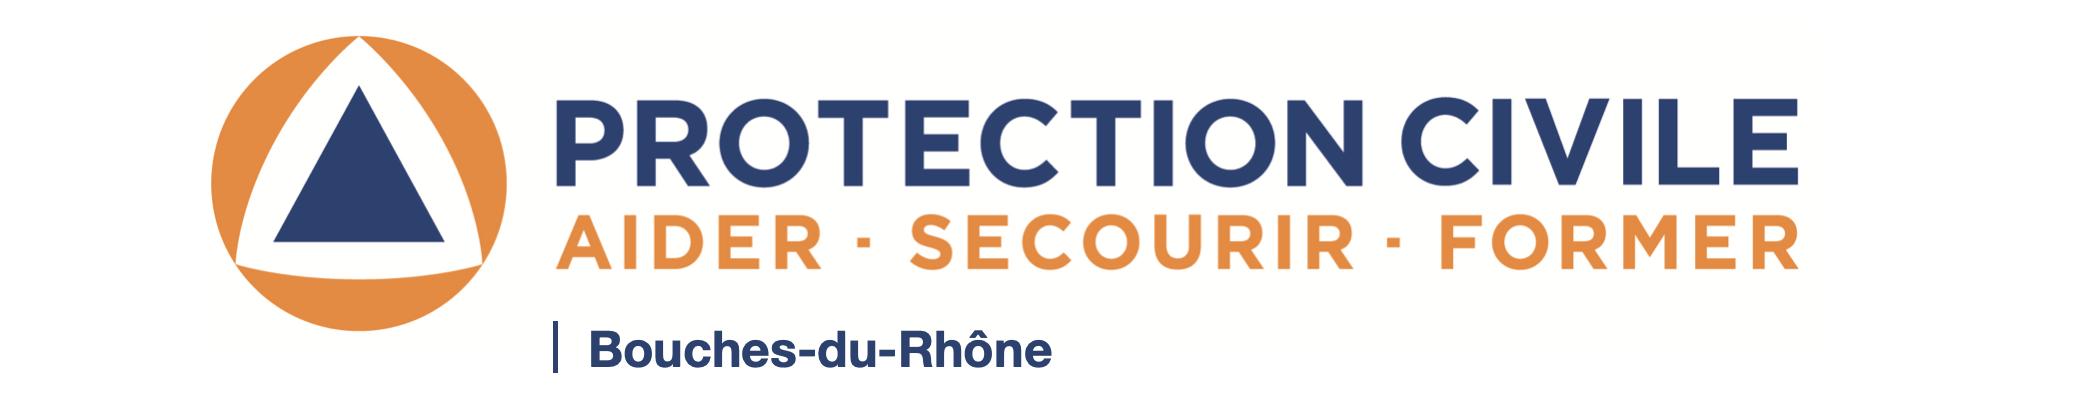 Protection Civile des Bouches-du-Rhône